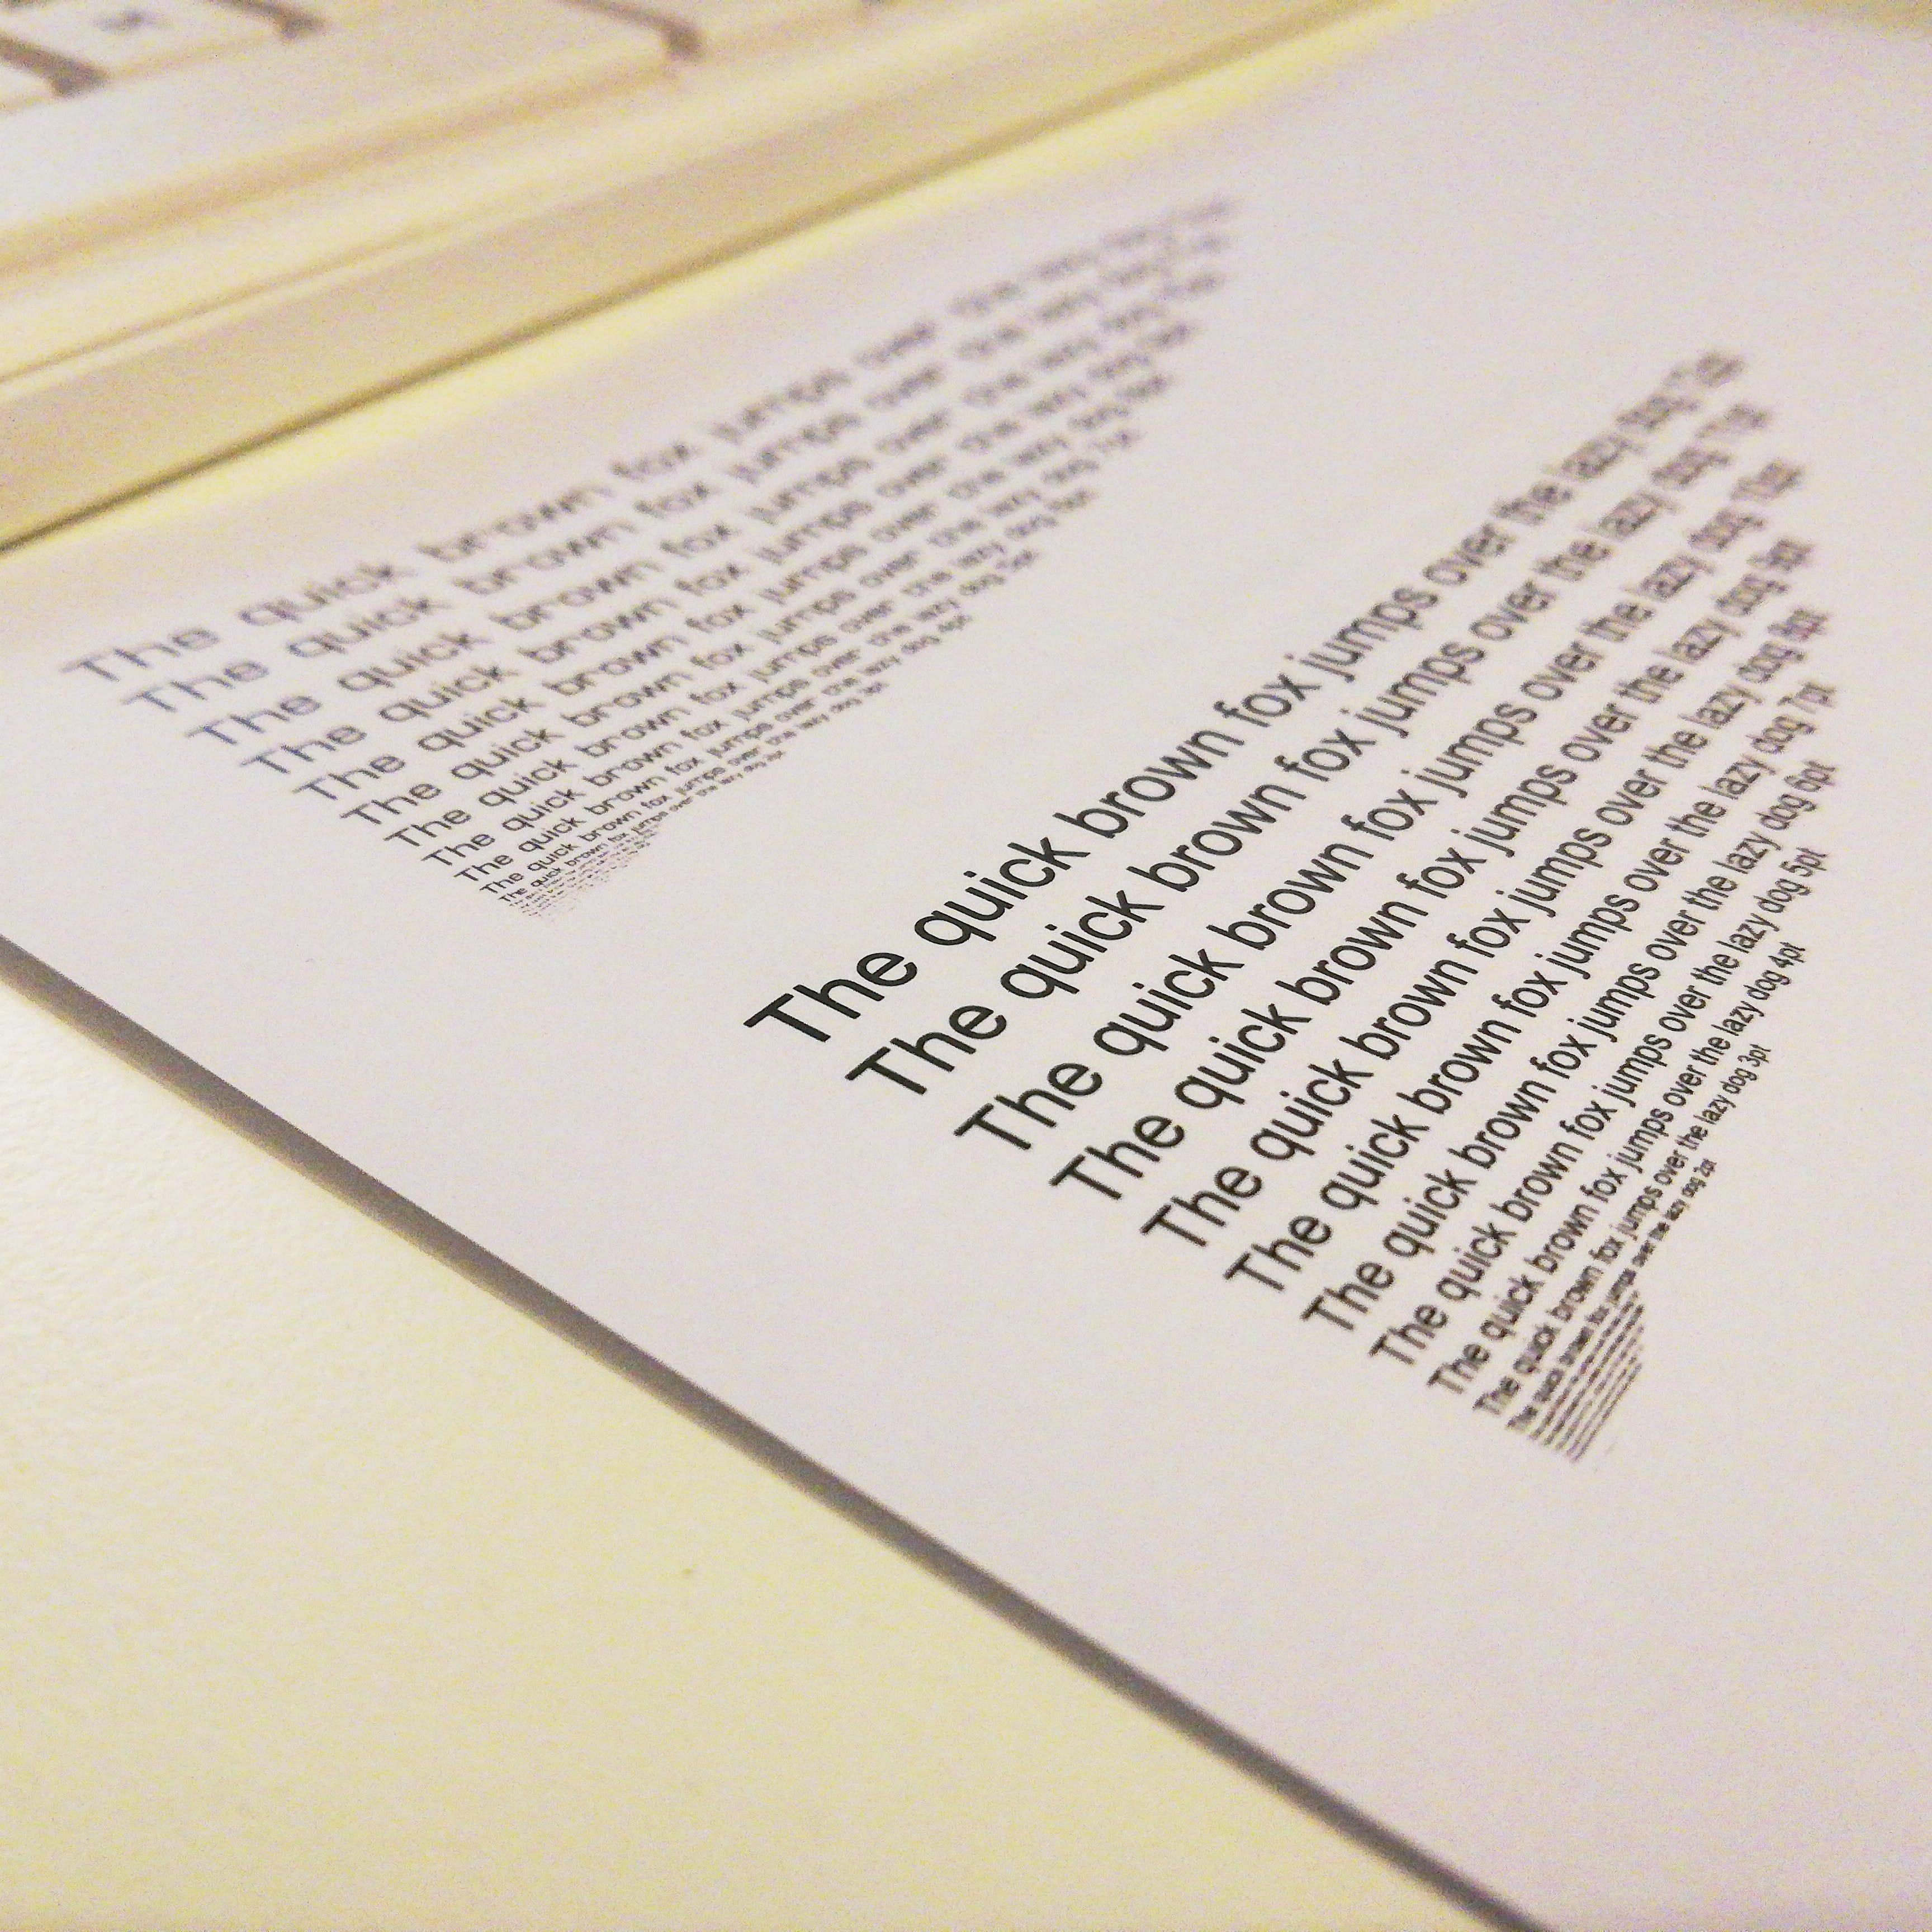 Printen: Lettertype grootte & lijn dikte